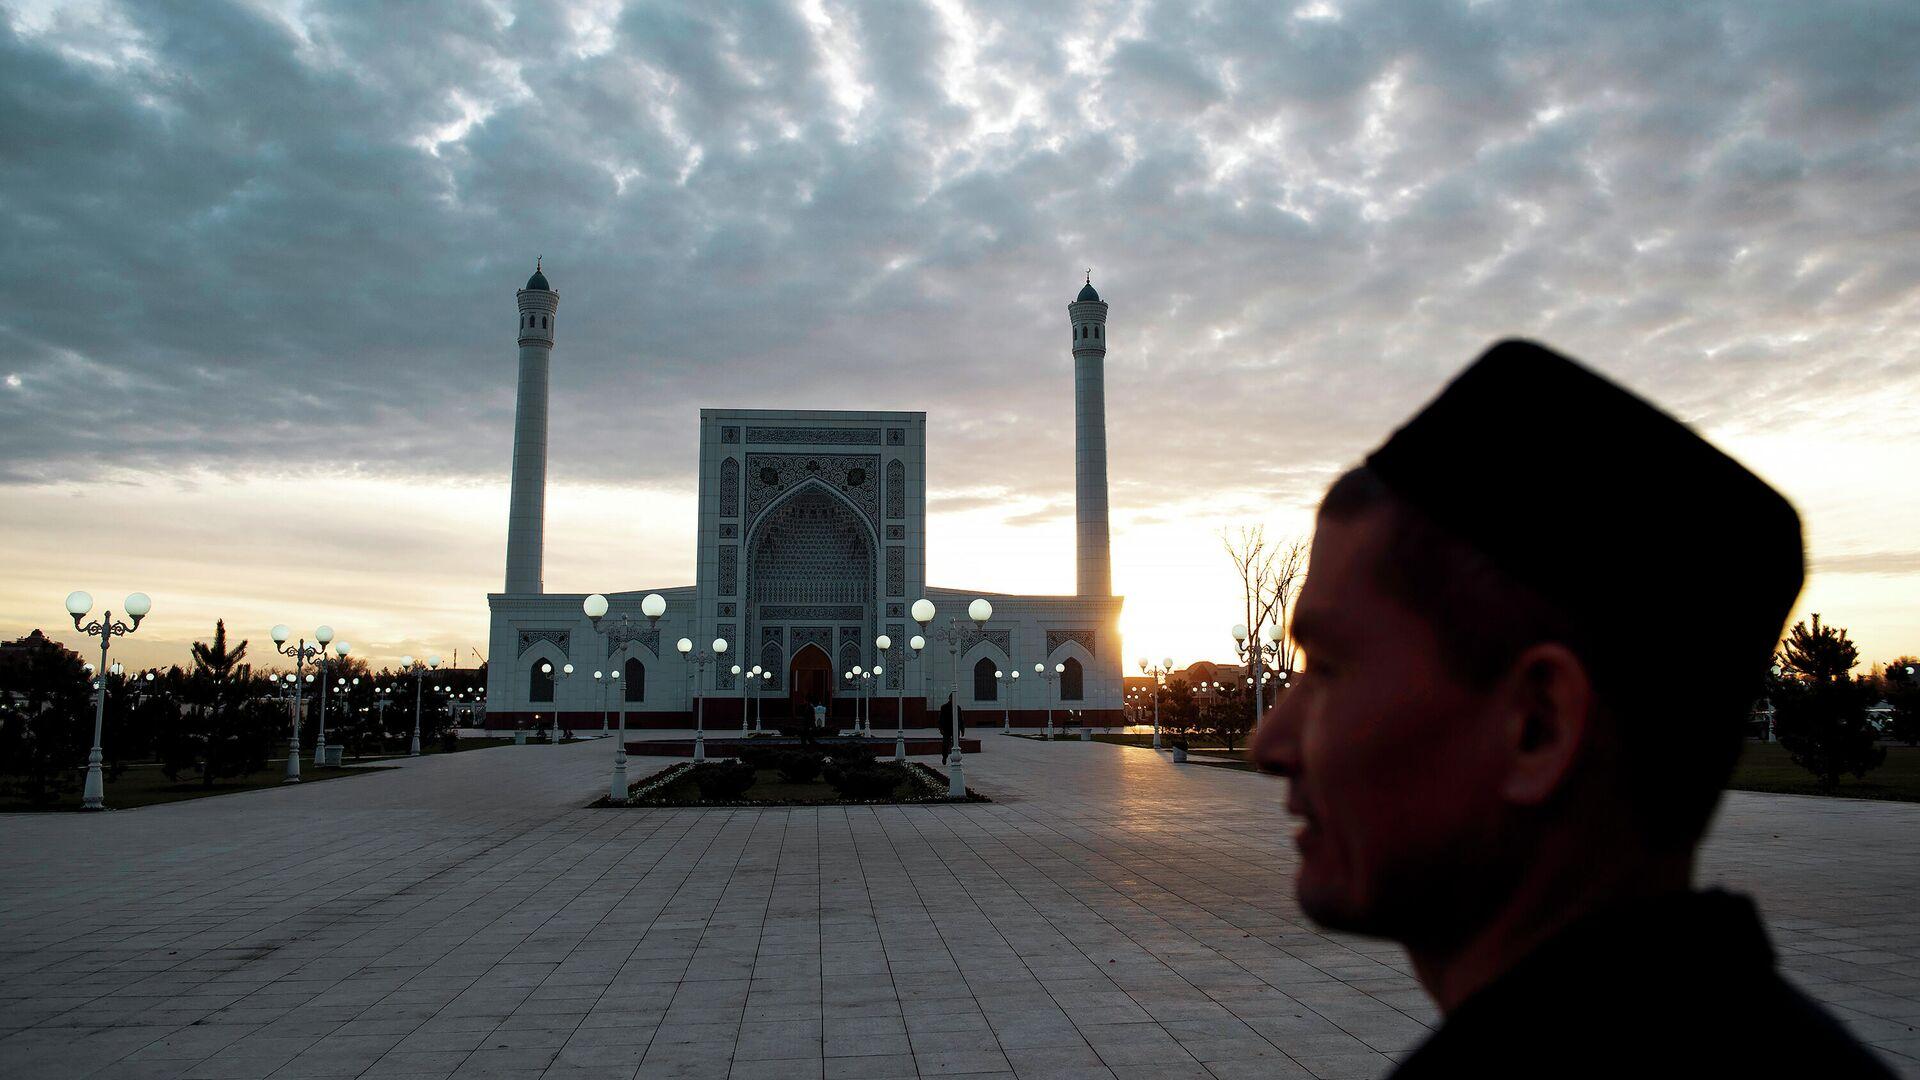 Мечеть Минор в Ташкенте - РИА Новости, 1920, 16.12.2020